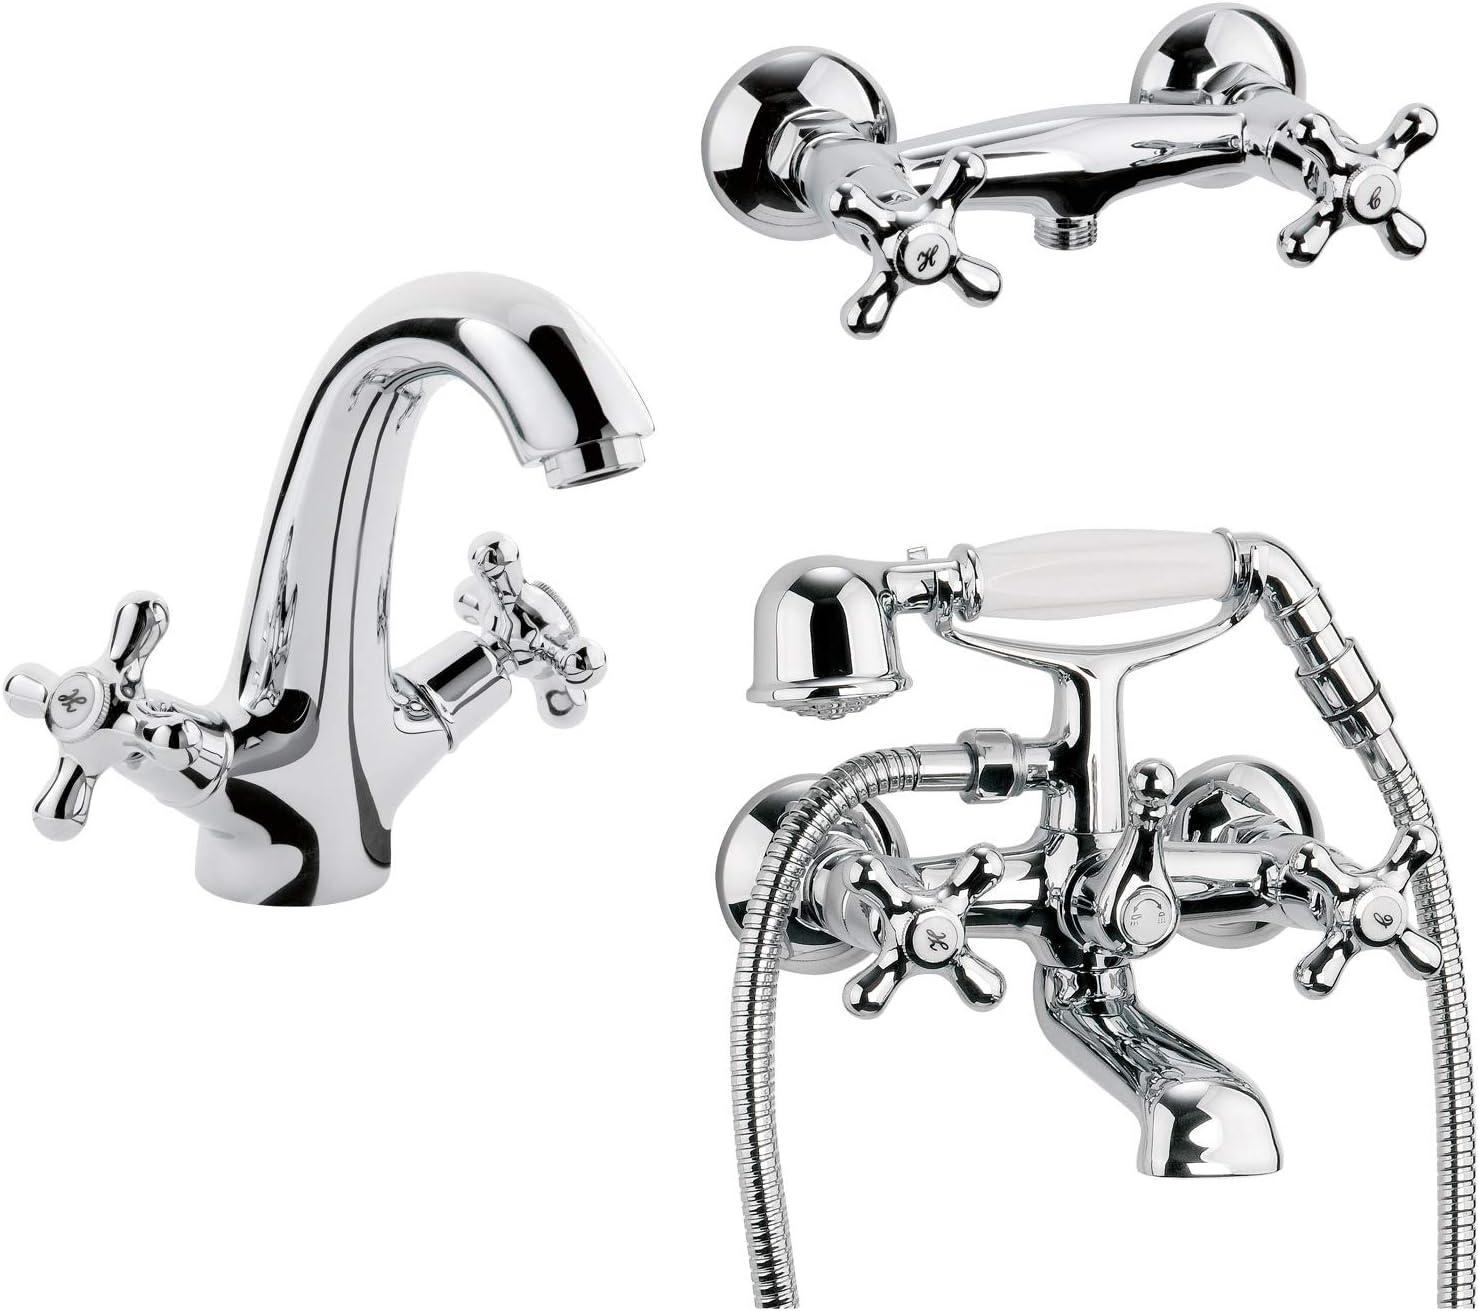 Calmwaters® - Retro Cross - Retro Wasserhahn fürs Bad im Komplett-Set für  Dusche, Badewanne und Waschbecken - 12